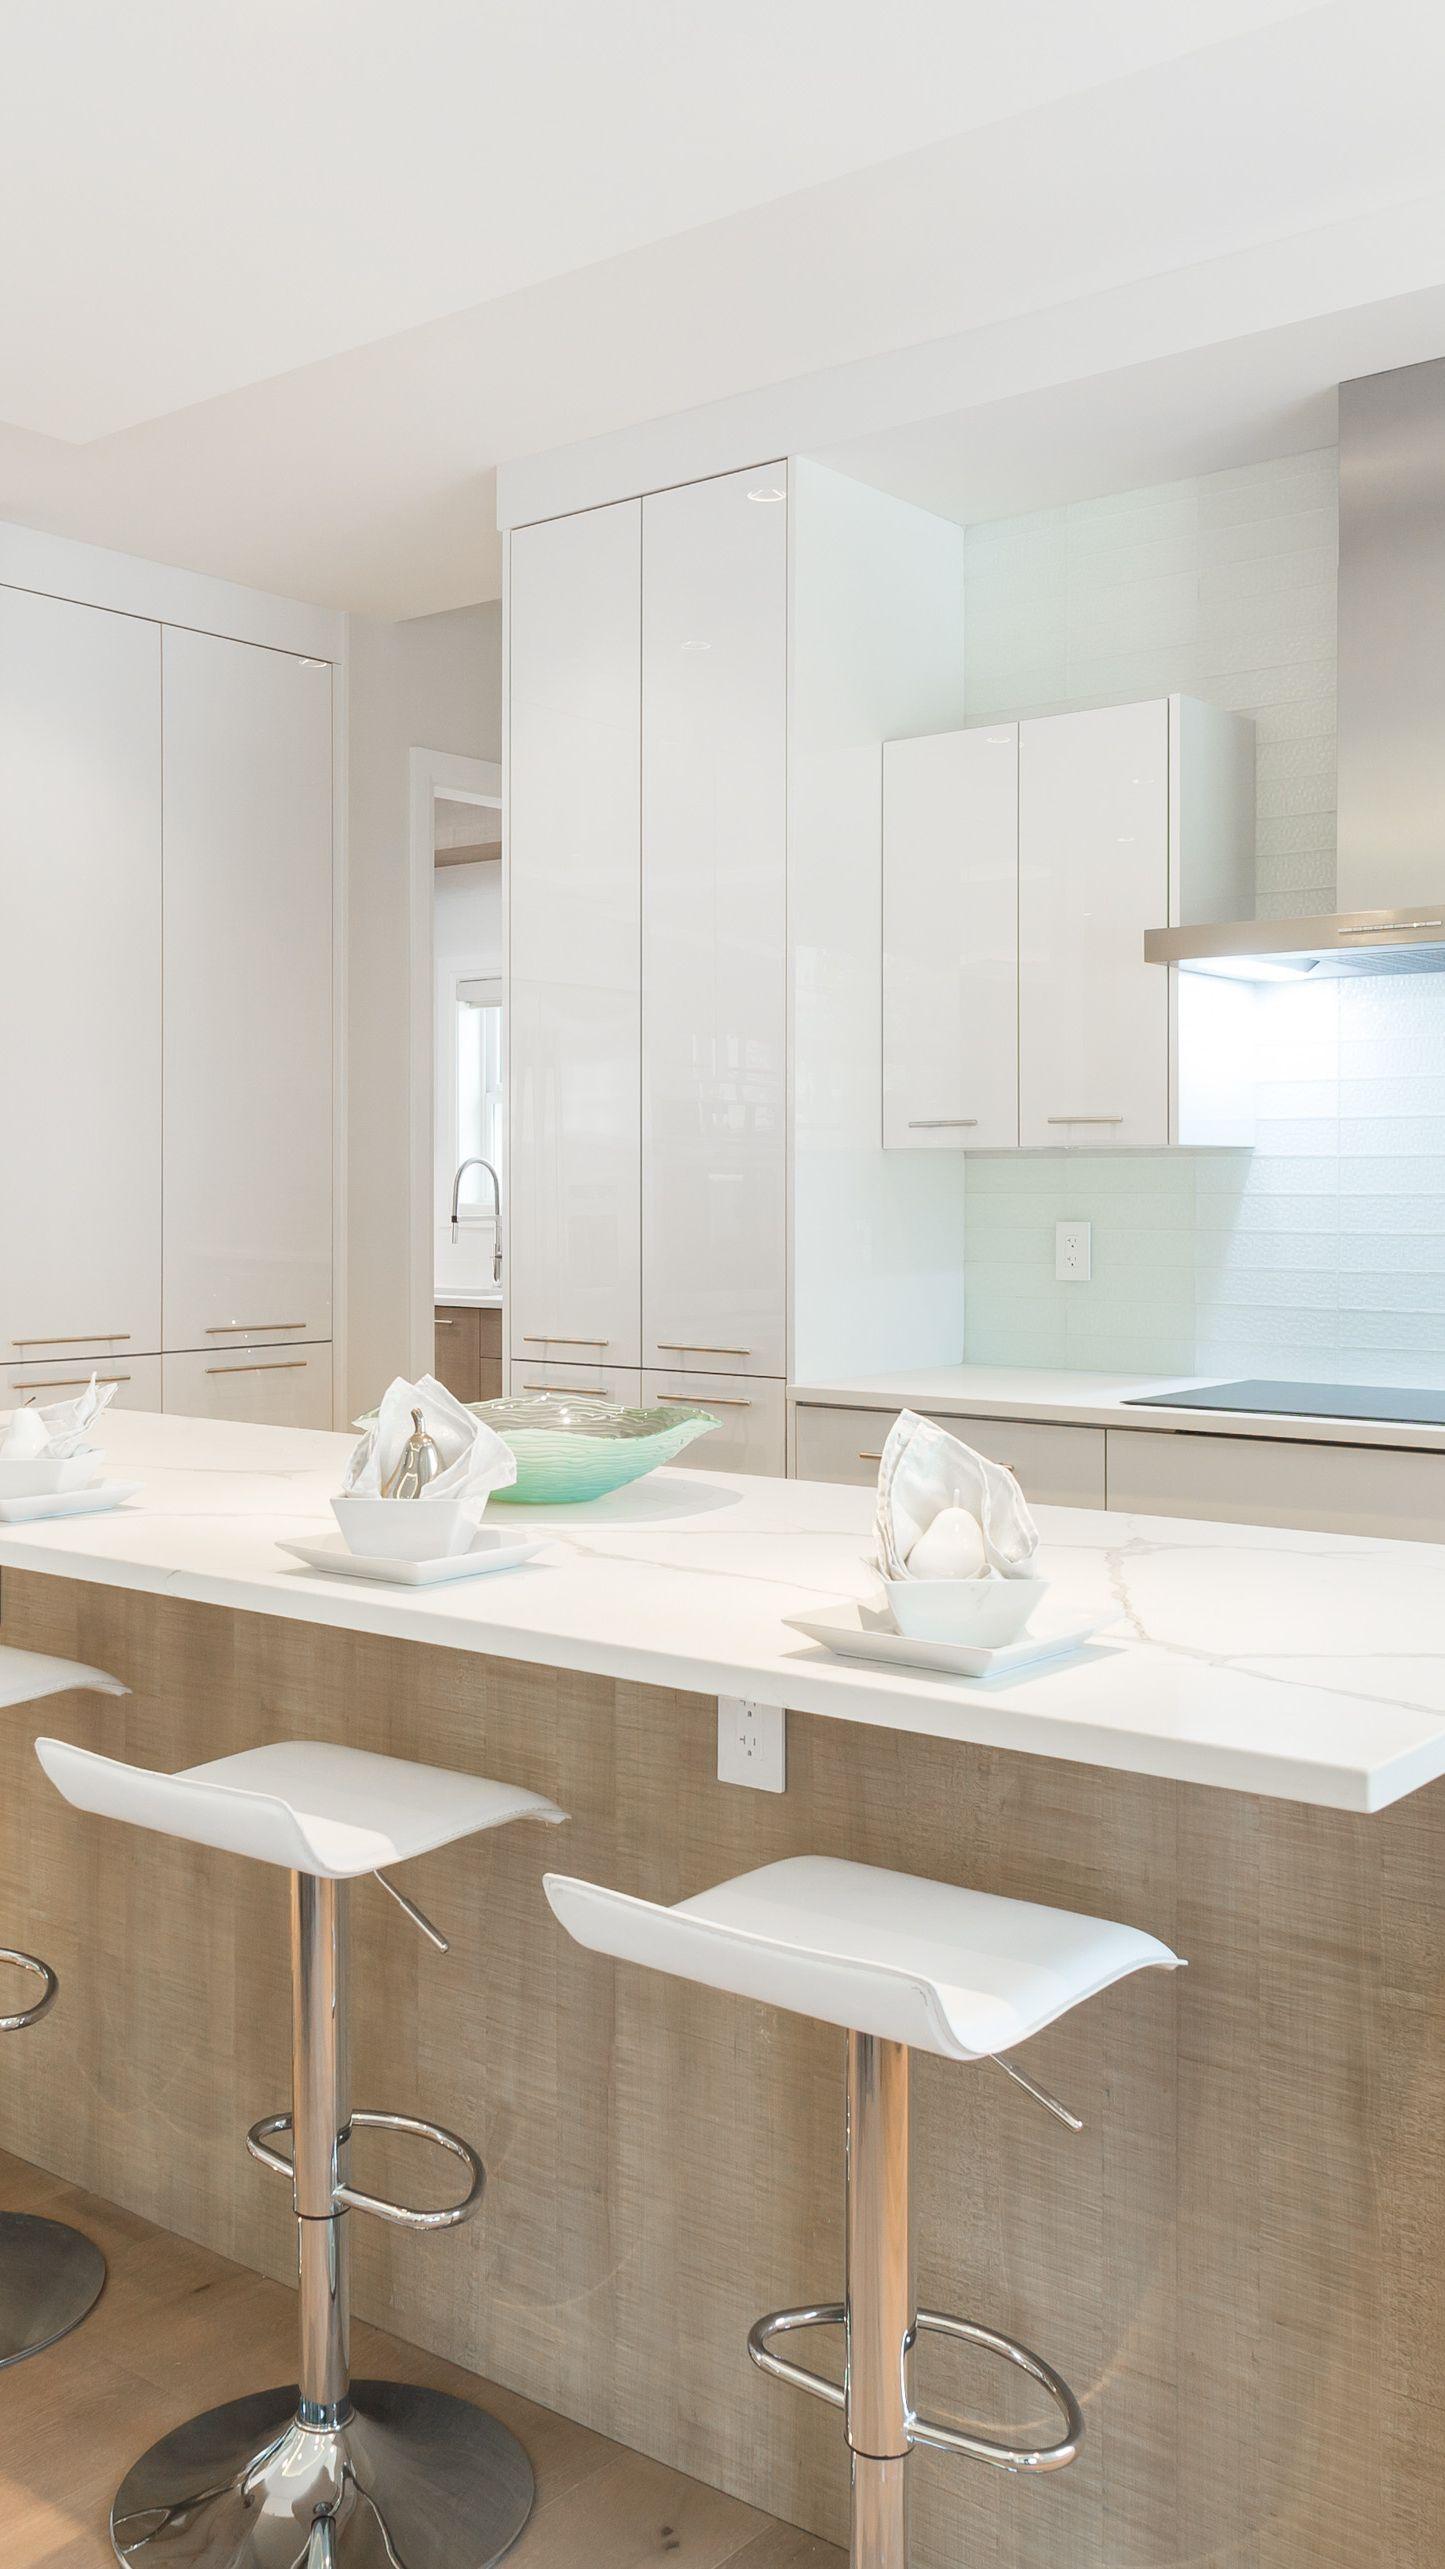 modern minimalist all white kitchen barstyle kitchen